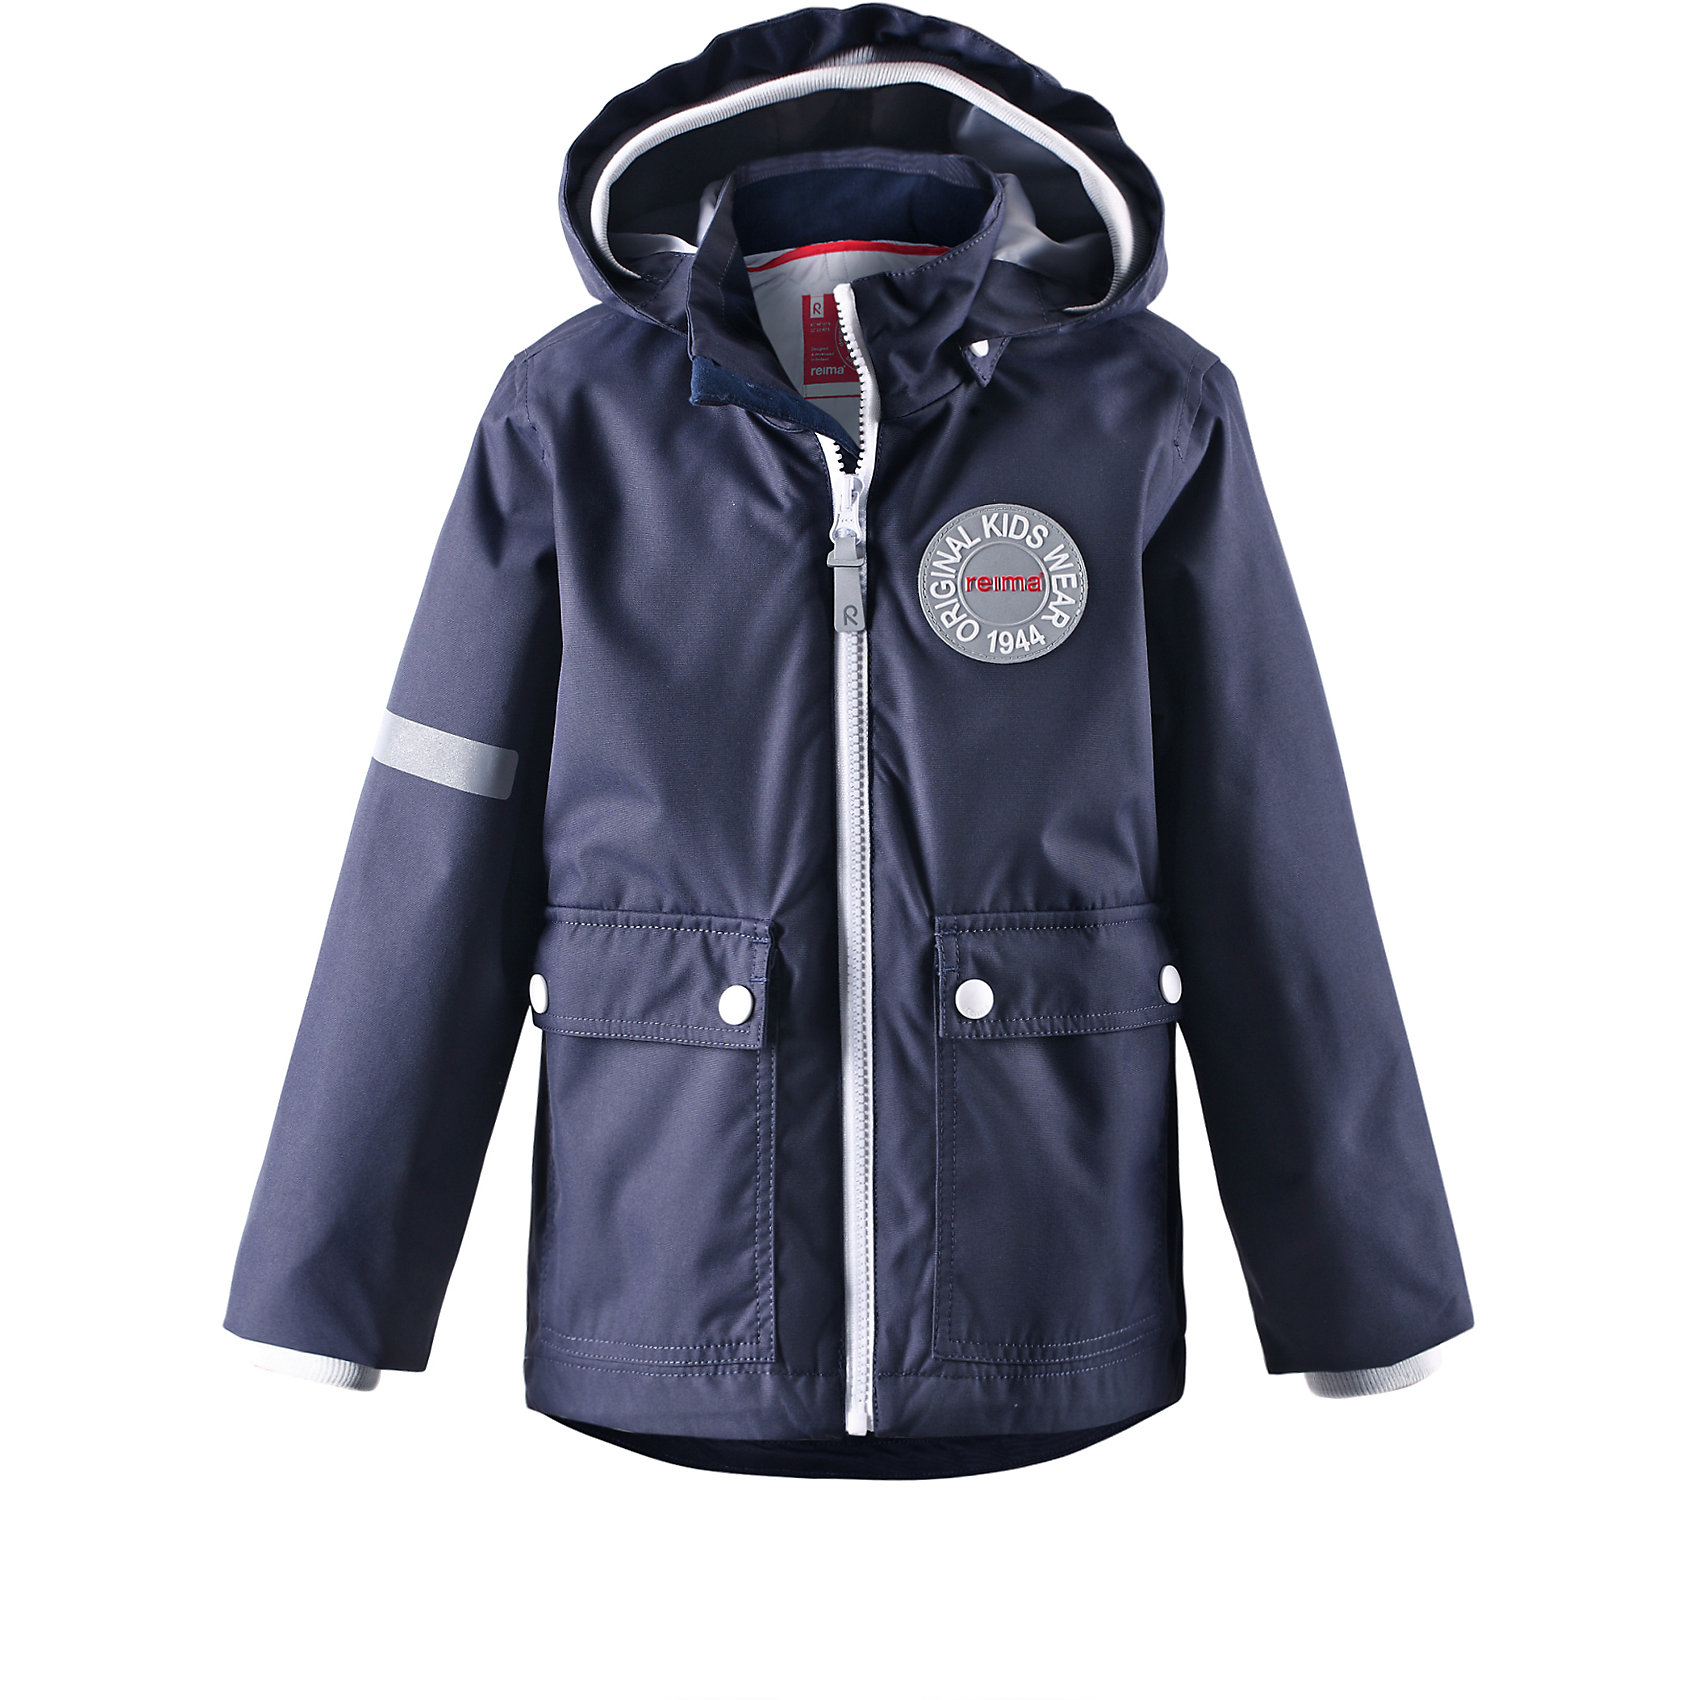 Куртка для мальчика ReimaВ детской демисезонной куртке с рисунком Reima® Anniversary дождь не страшен — все основные швы проклеены, водонепроницаемы. Эта куртка идеально подойдет для ранних весенних дней, ведь на улице все еще может быть холодно. С помощью удобной системы кнопок Play Layers® к этой куртке можно присоединять разнообразную одежду промежуточного слоя Reima®. В холодные дни промежуточный слой подарит вашему ребенку дополнительное тепло и комфорт. Благодаря съемной стеганой подкладке куртку также можно превратить в более легкую весеннюю модель. Большие карманы с клапанами и светоотражающие детали выполнены в ретро-стиле 70-х.<br><br>Дополнительная информация:<br><br>Куртка демисезонная для детей<br>Основные швы проклеены и не пропускают влагу<br>Водоотталкивающий, ветронепроницаемый, «дышащий» и грязеотталкивающий материал<br>Съемная, стеганая подкладка<br>Безопасный, отстегивающийся и регулируемый капюшон<br>Мягкая резинка на кромке капюшона и манжетах<br>Карманы с клапанами<br>Безопасные светоотражающие элементы<br>Состав:<br>100% ПЭ, ПУ-покрытие<br>Уход:<br>Стирать по отдельности, вывернув наизнанку. Застегнуть молнии и липучки. Стирать моющим средством, не содержащим отбеливающие вещества. Полоскать без специального средства. Во избежание изменения цвета изделие необходимо вынуть из стиральной машинки незамедлительно после окончания программы стирки. Сушить при низкой температуре.<br><br>Ширина мм: 356<br>Глубина мм: 10<br>Высота мм: 245<br>Вес г: 519<br>Цвет: синий<br>Возраст от месяцев: 48<br>Возраст до месяцев: 60<br>Пол: Мужской<br>Возраст: Детский<br>Размер: 92,116,134,128,122,104,110,98,140<br>SKU: 4496803